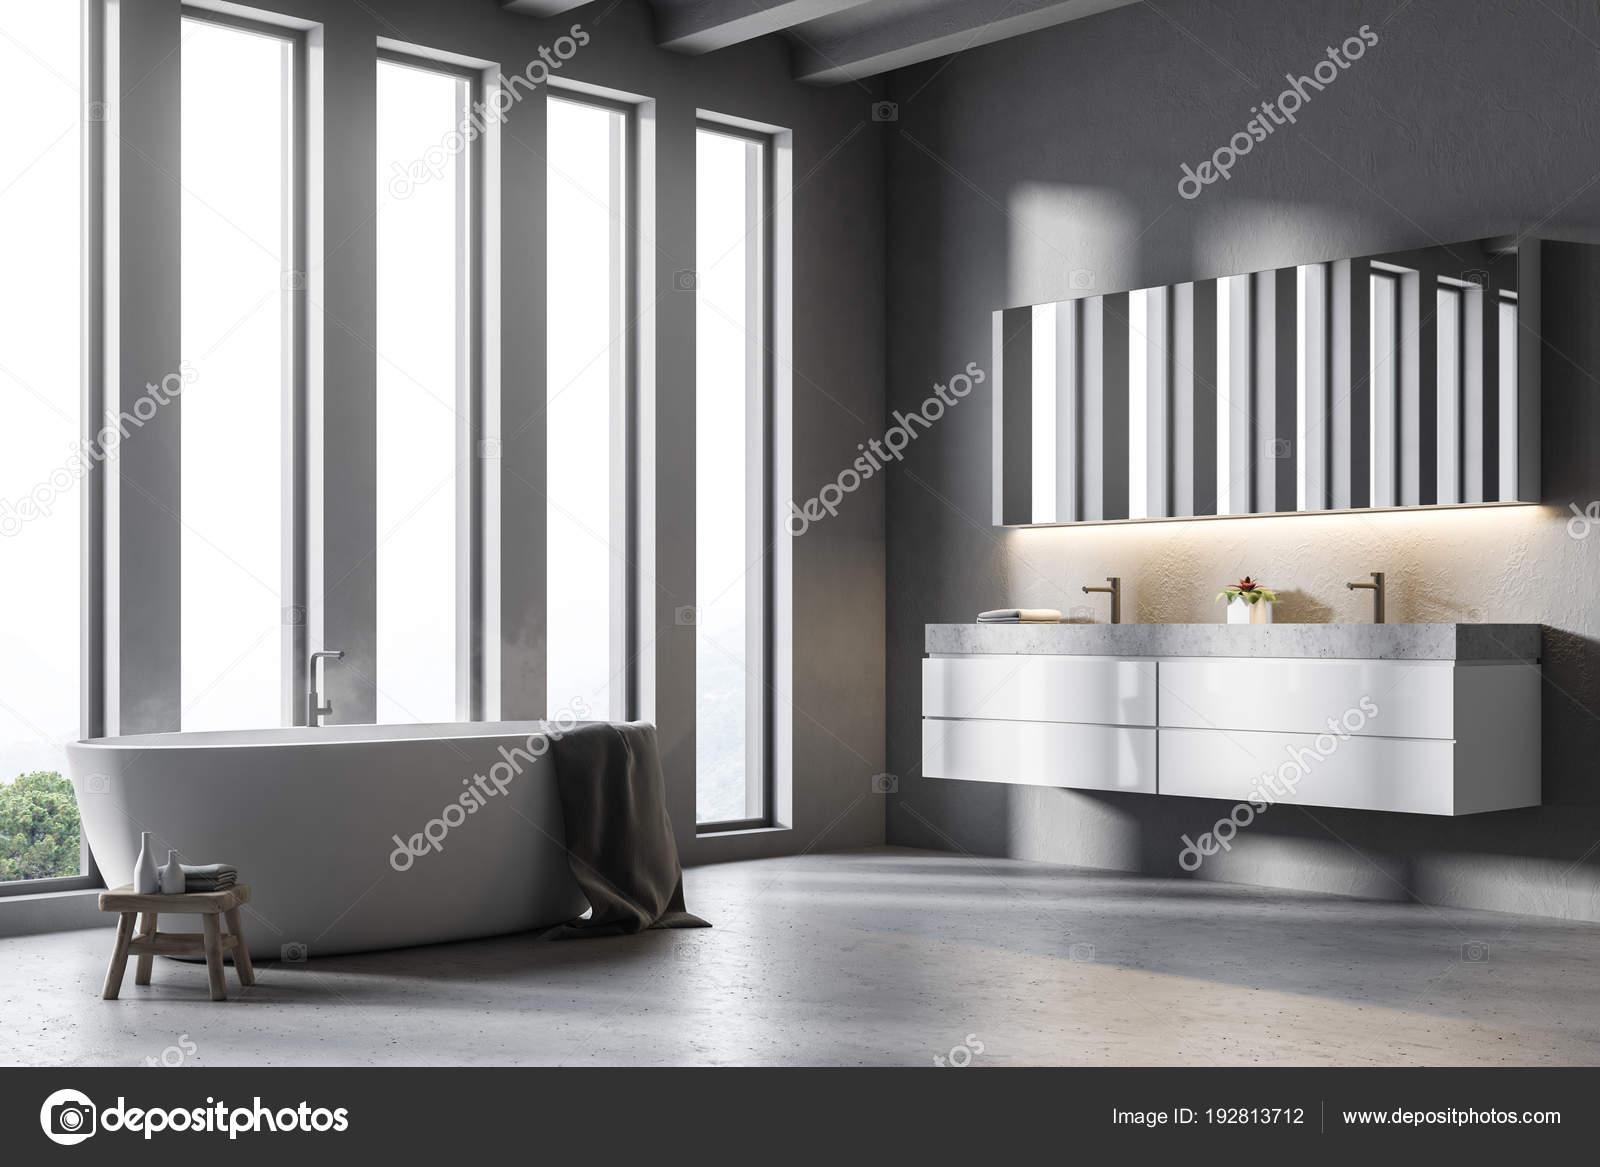 Vasca Da Bagno Con Lavandino : Bagno doppio lavabo grigio con vista laterale vasca da bagno u2014 foto